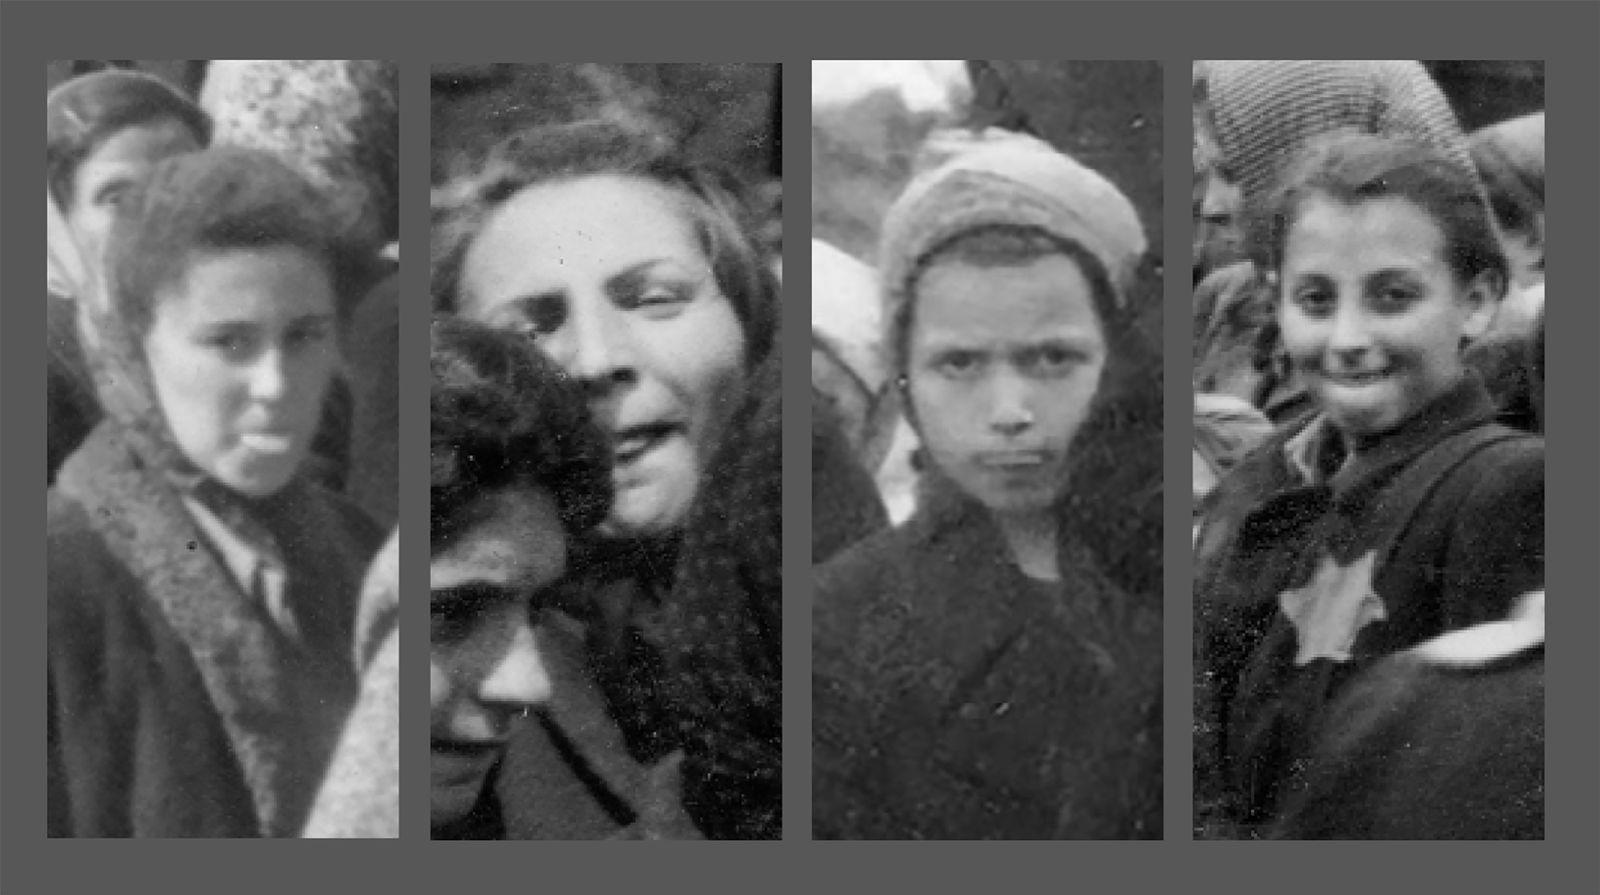 Detailansichten der Fotos 8, 82, 92 und 149 des Lili Jacob-Albums.